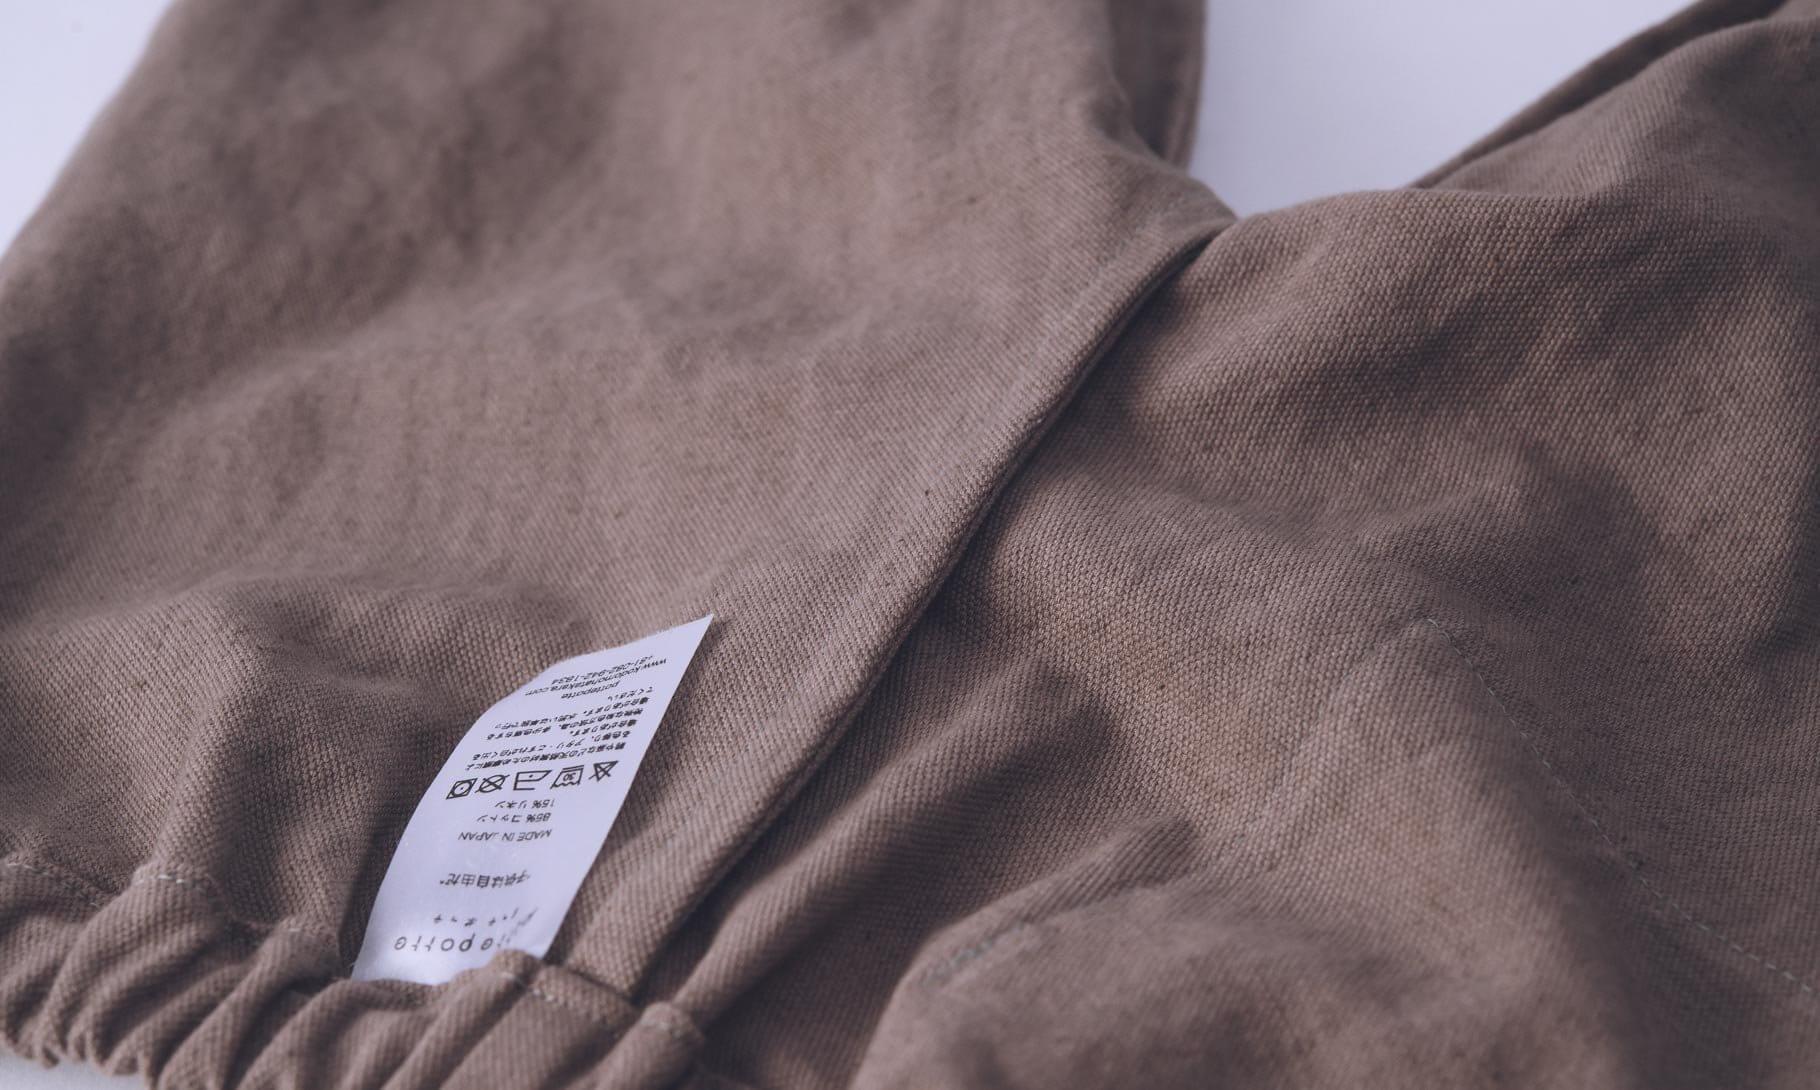 スモックパンツ、裏面品質表示タグと袋縫い